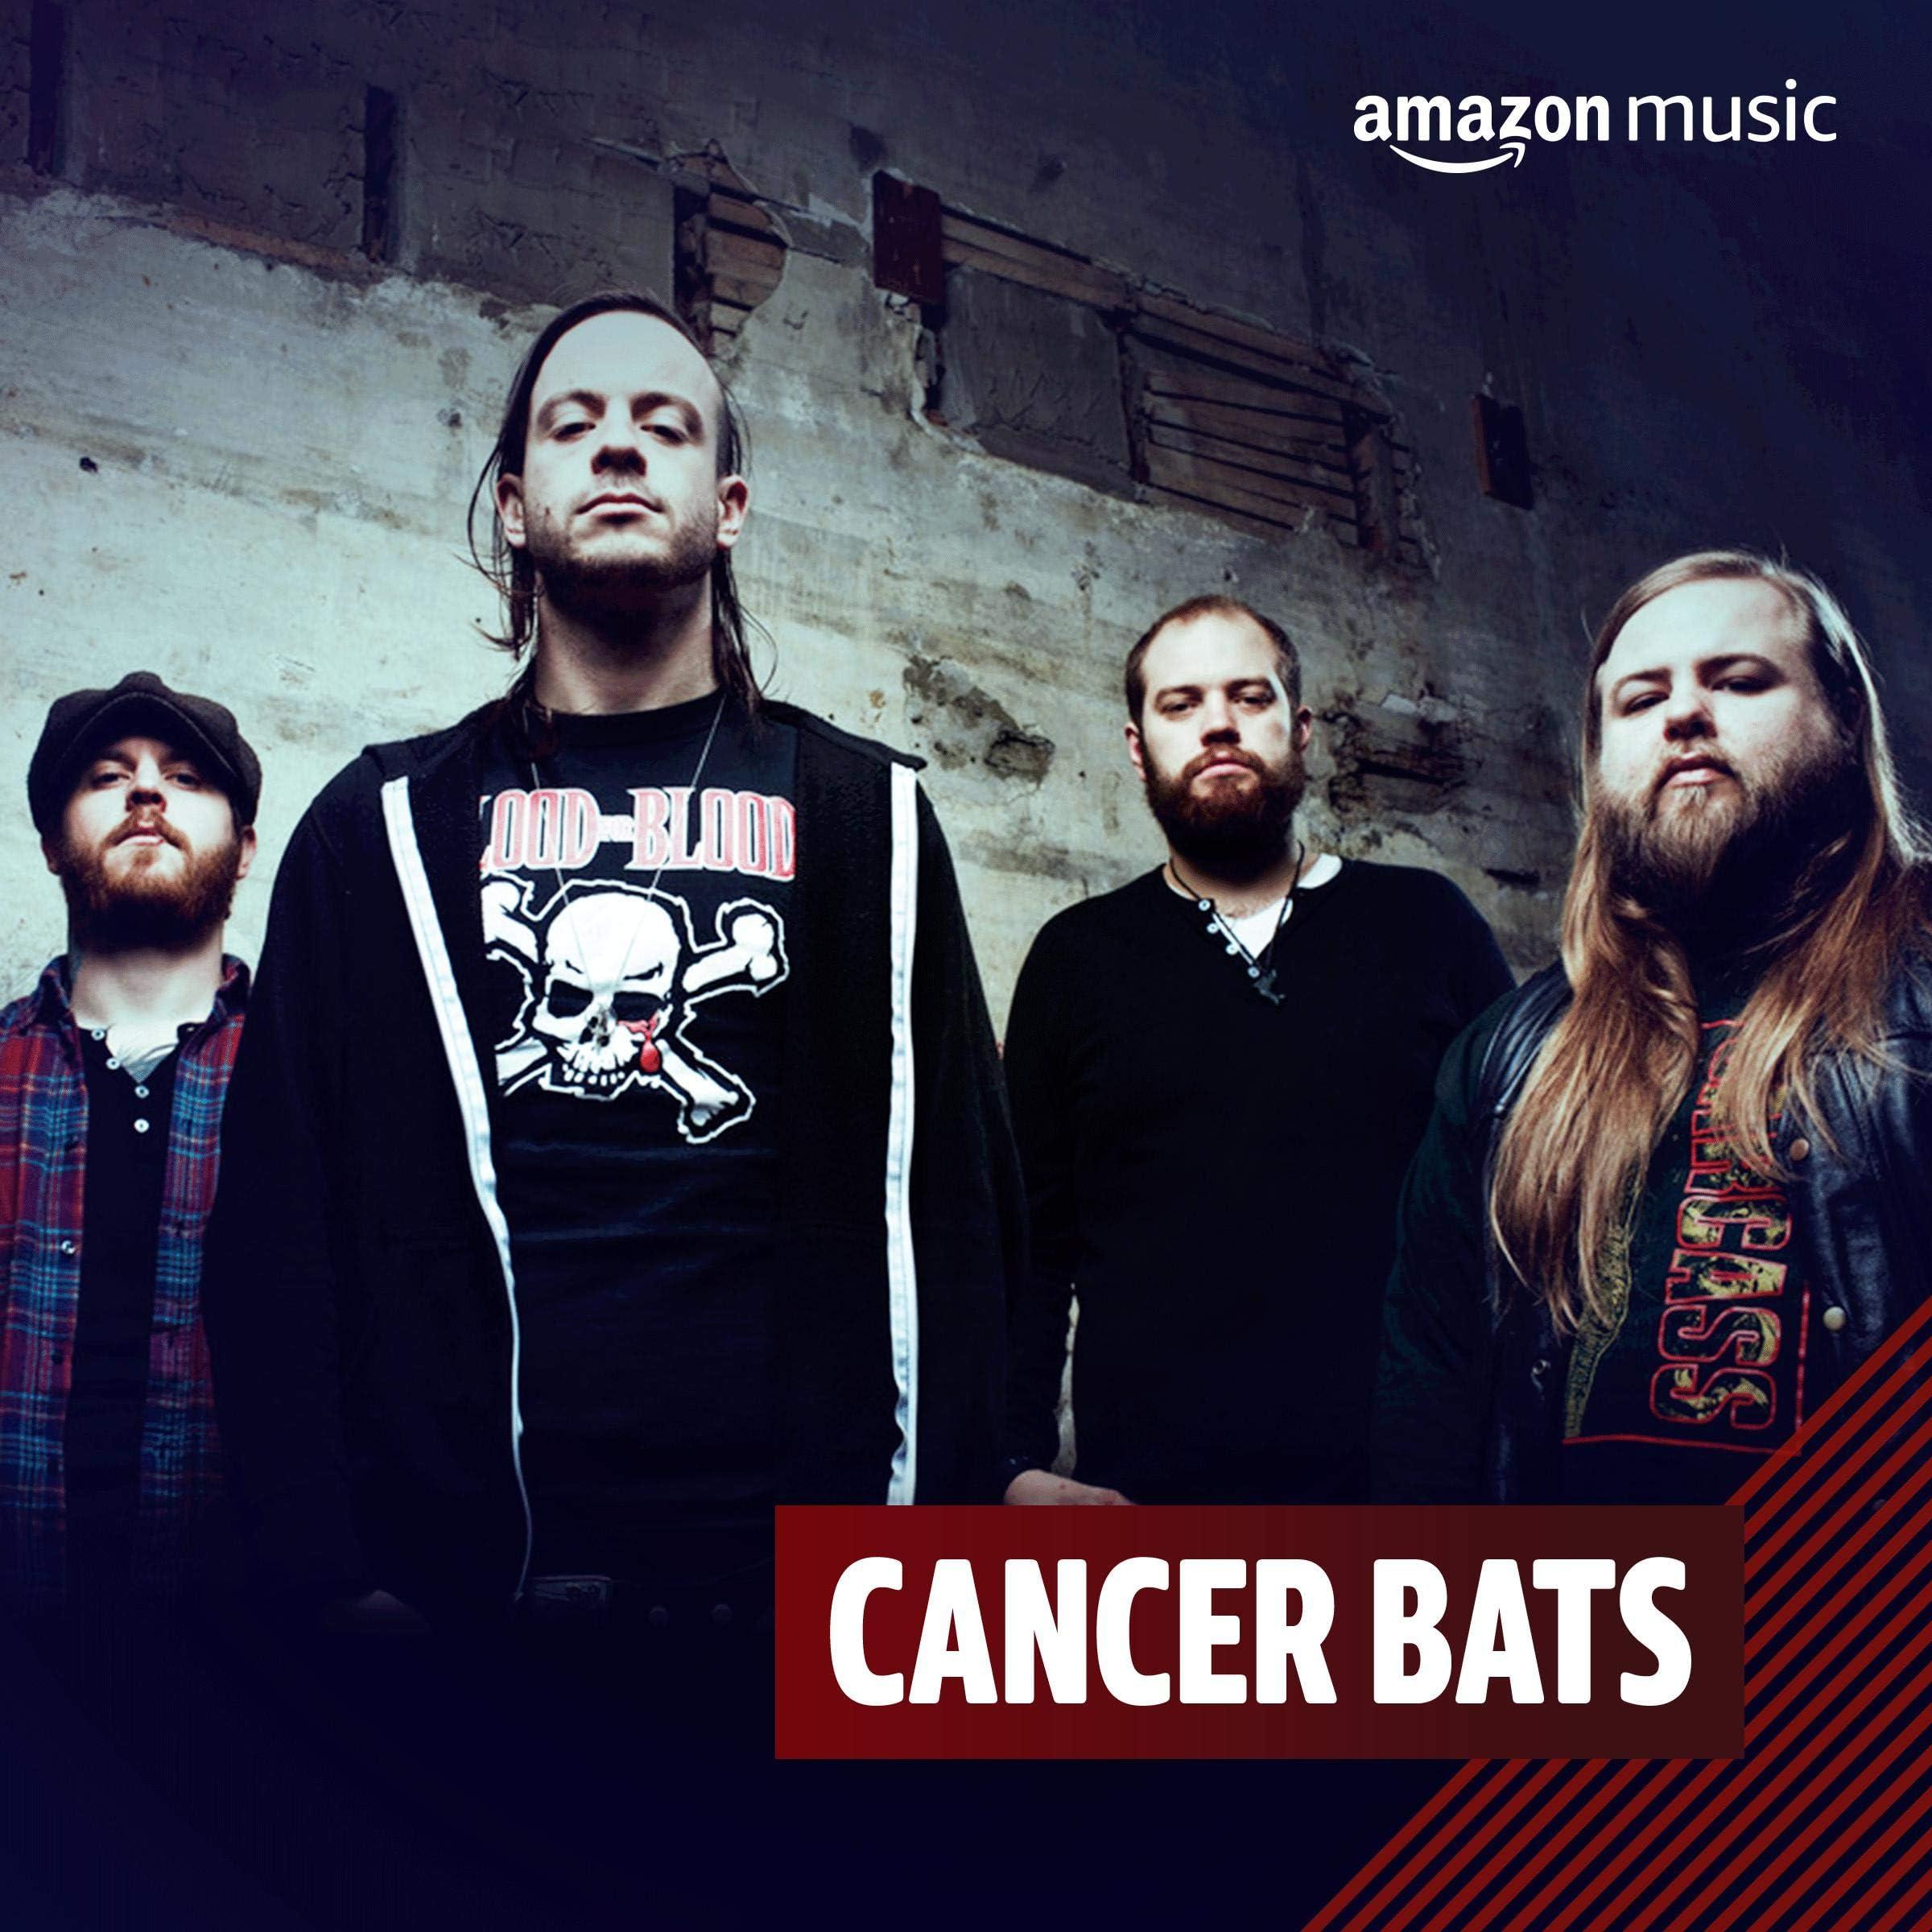 Cancer Bats